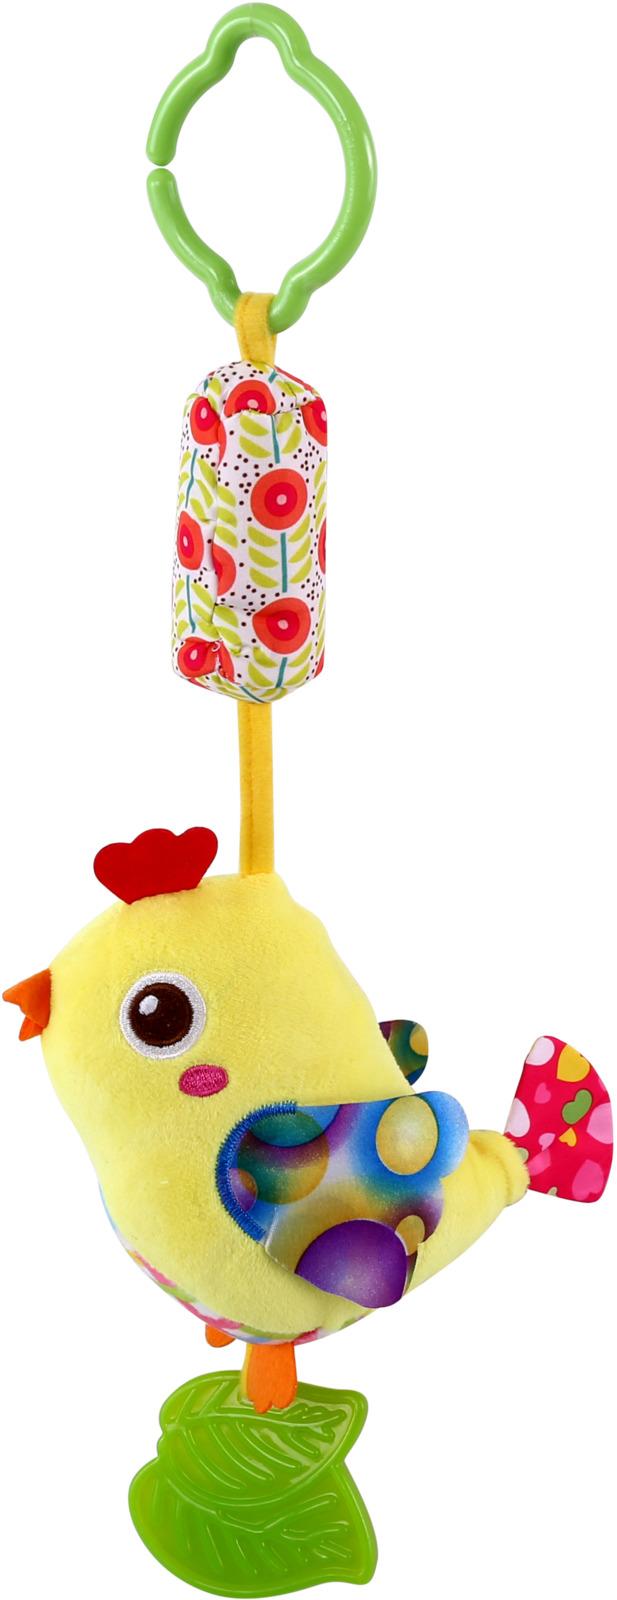 Подвесная мягкая игрушка Lorelli Toys Желтая птичка. 10191300002 игрушка подвеска lorelli toys 1019112